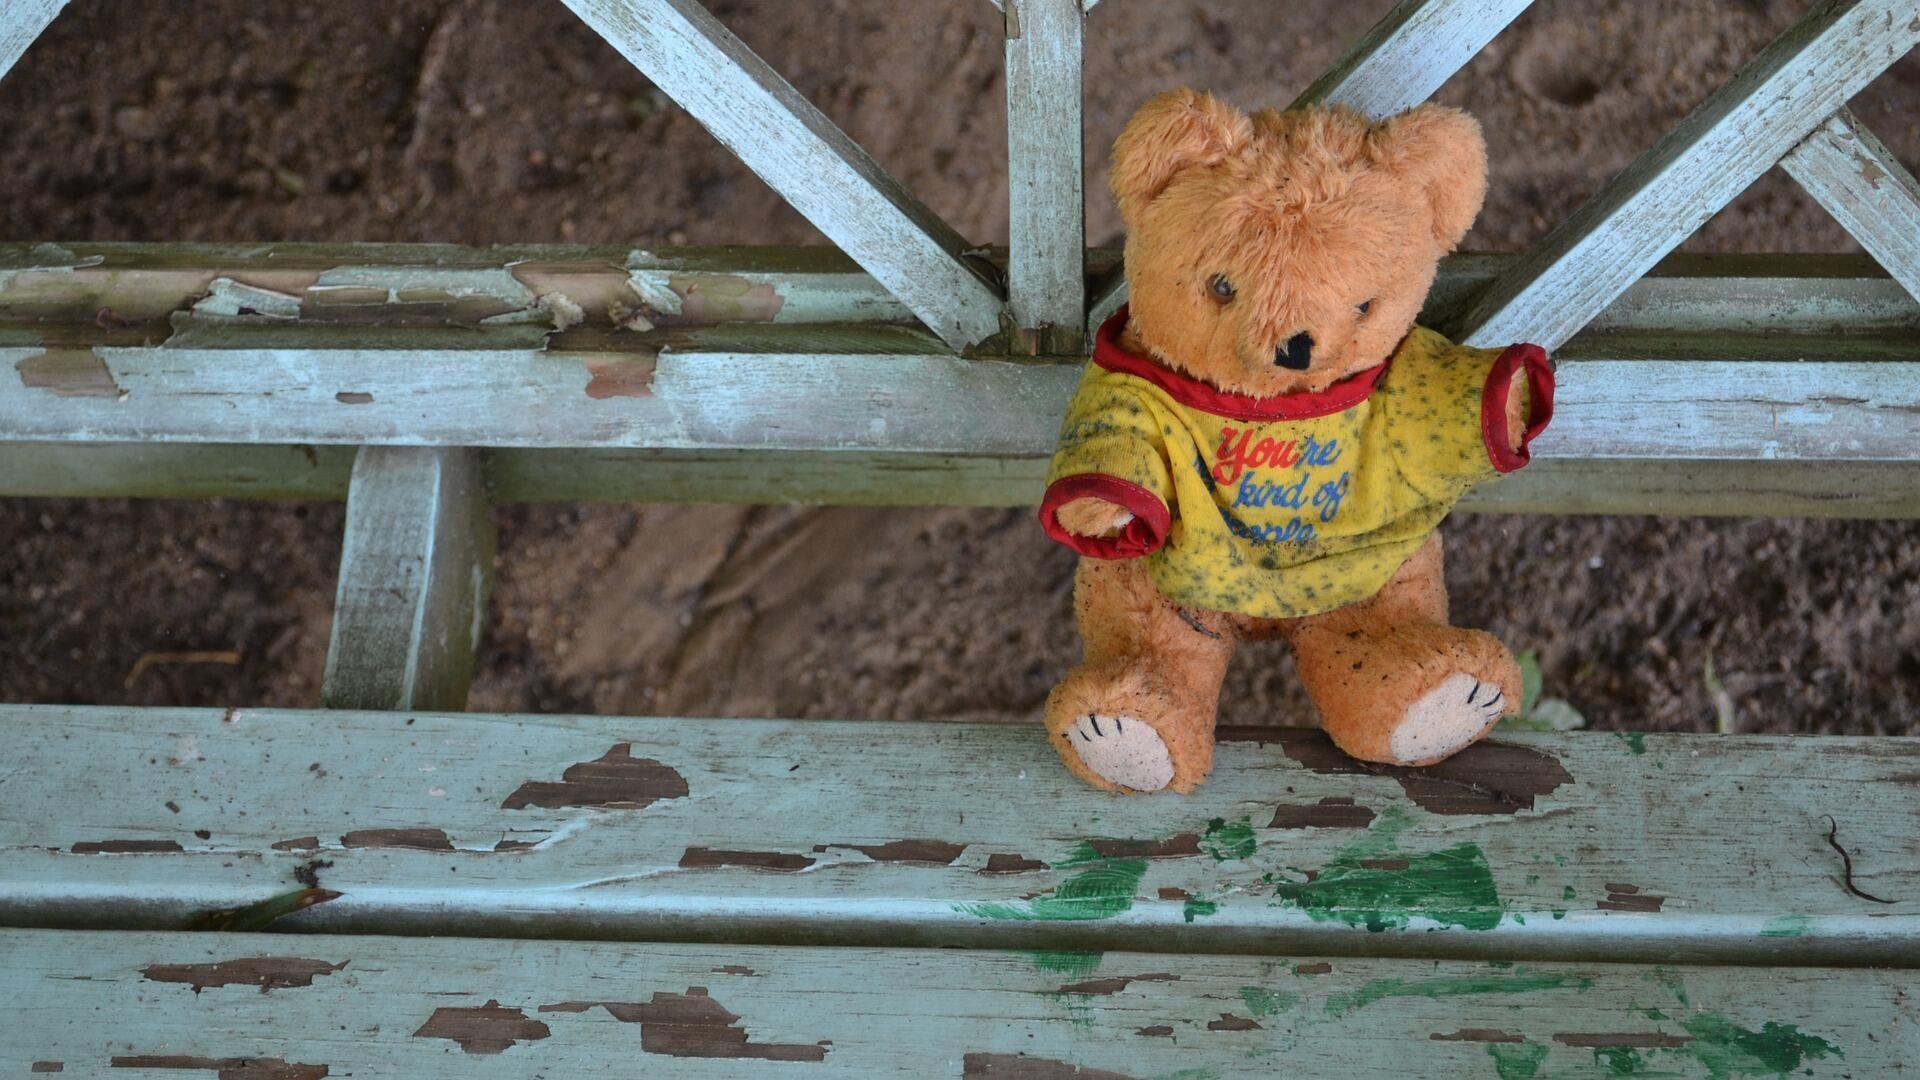 Teddybär (Symbolbild) - SNA, 1920, 06.09.2021